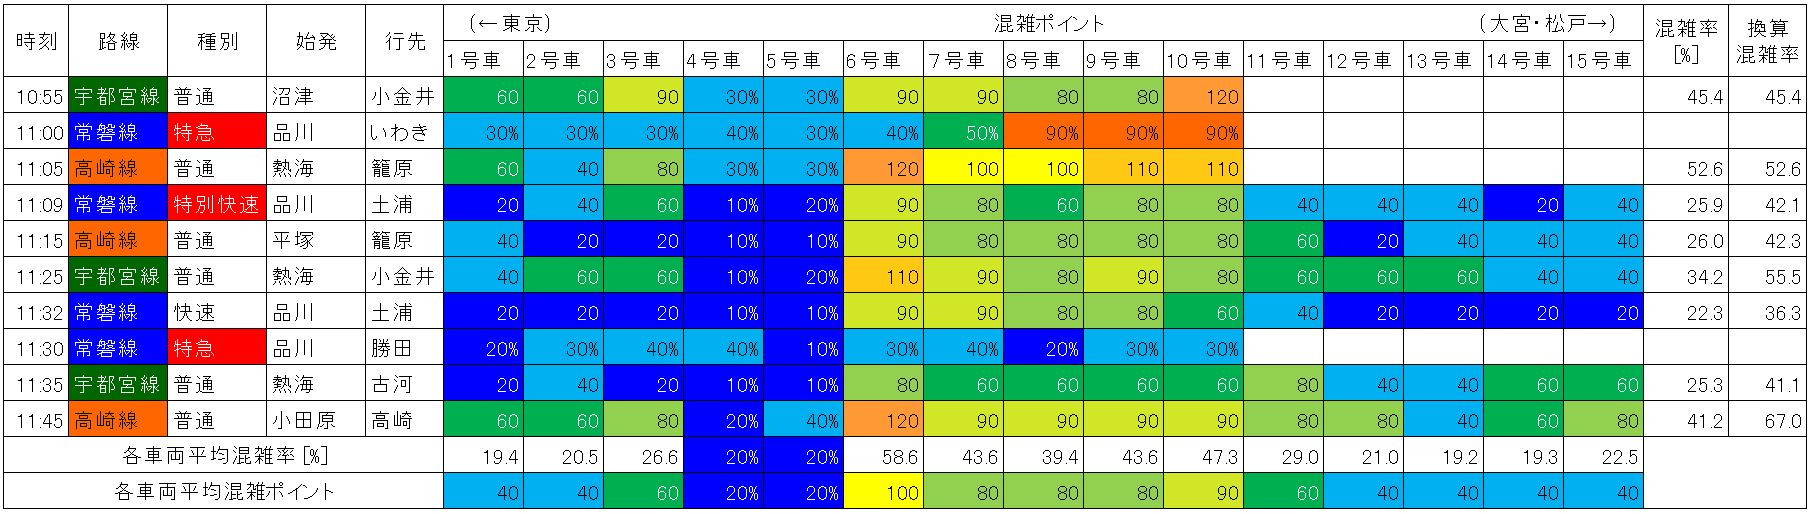 上野東京ラインの混雑状況(東京→上野、平日日中時間帯)